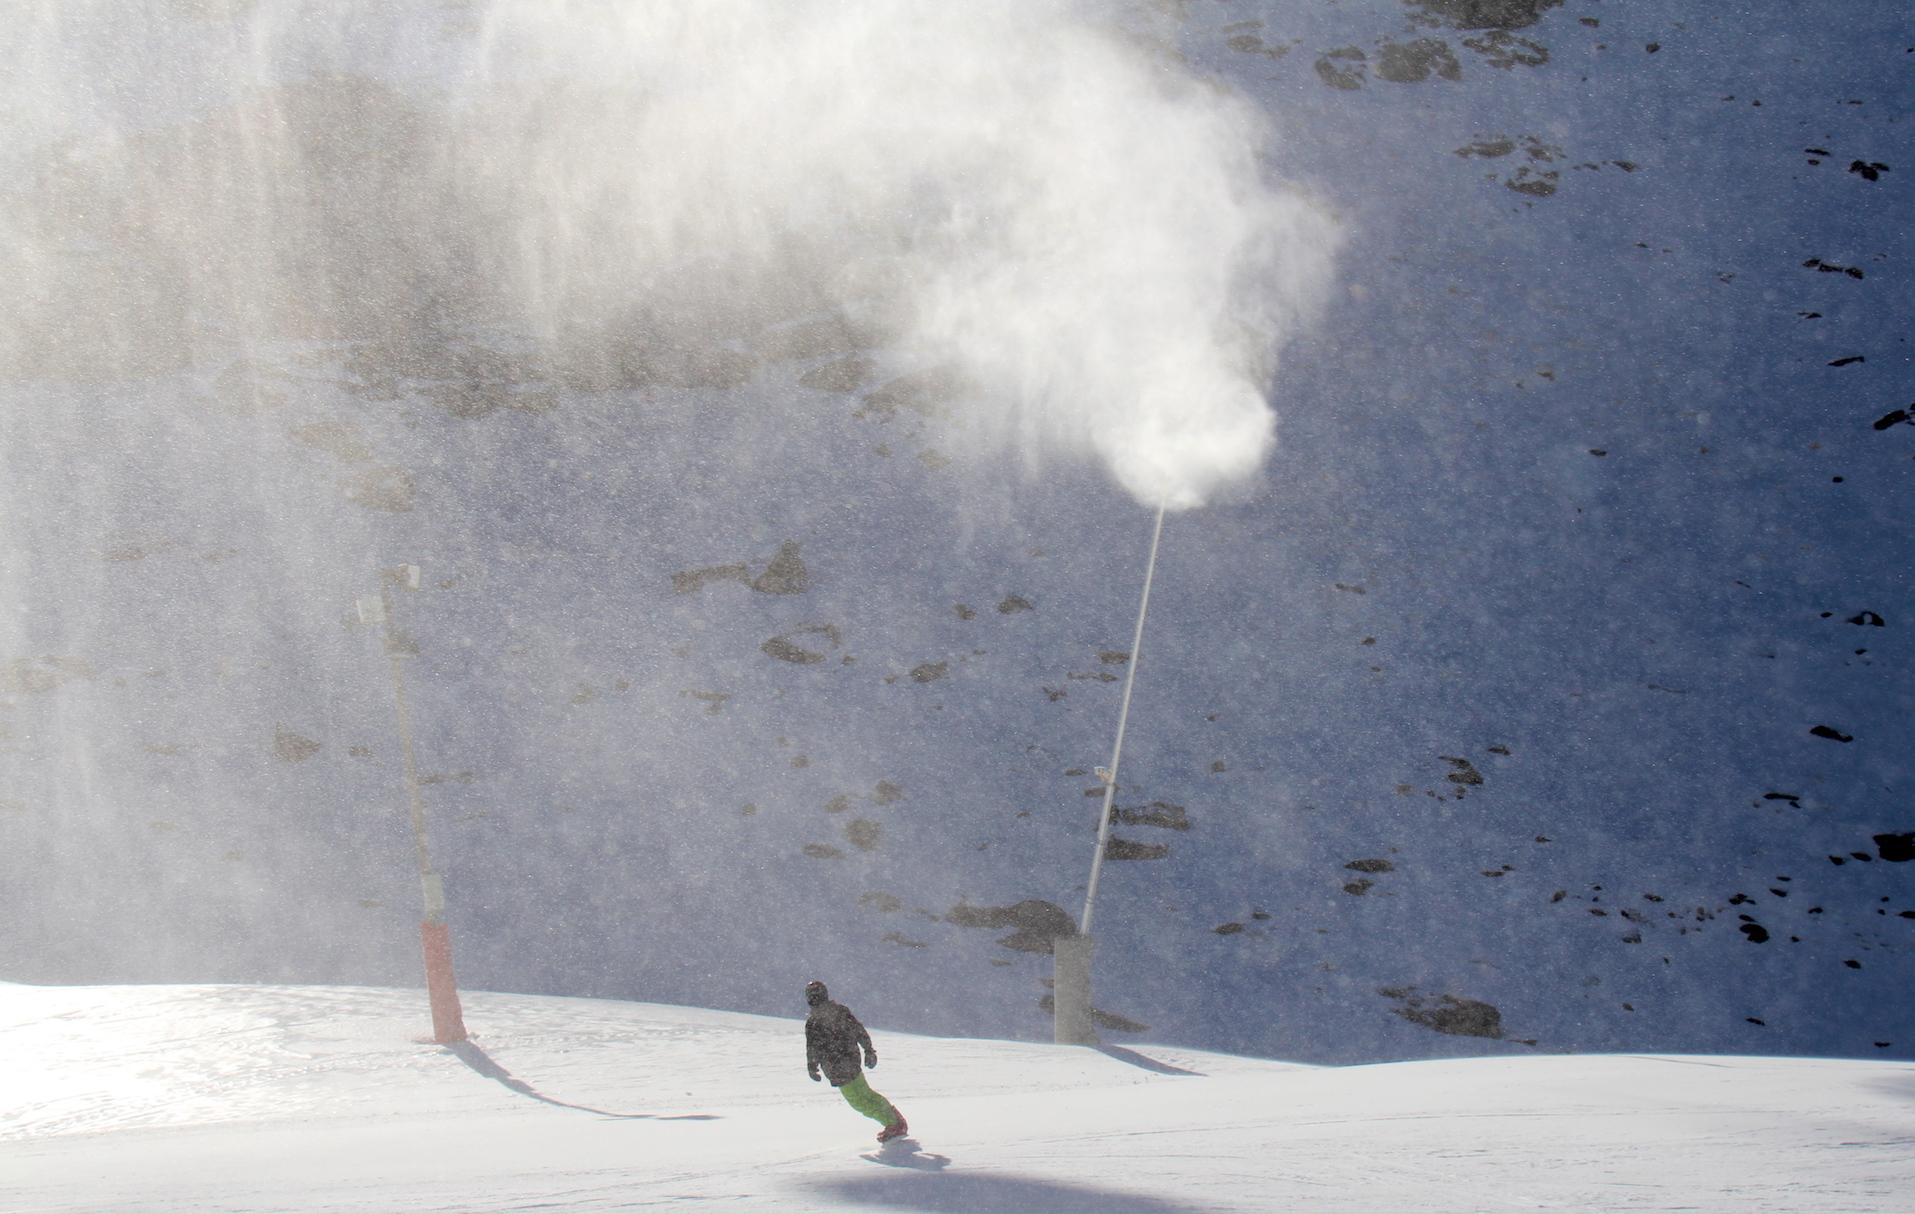 Sierra Nevada instala cien nuevos cañones de producción de nieve